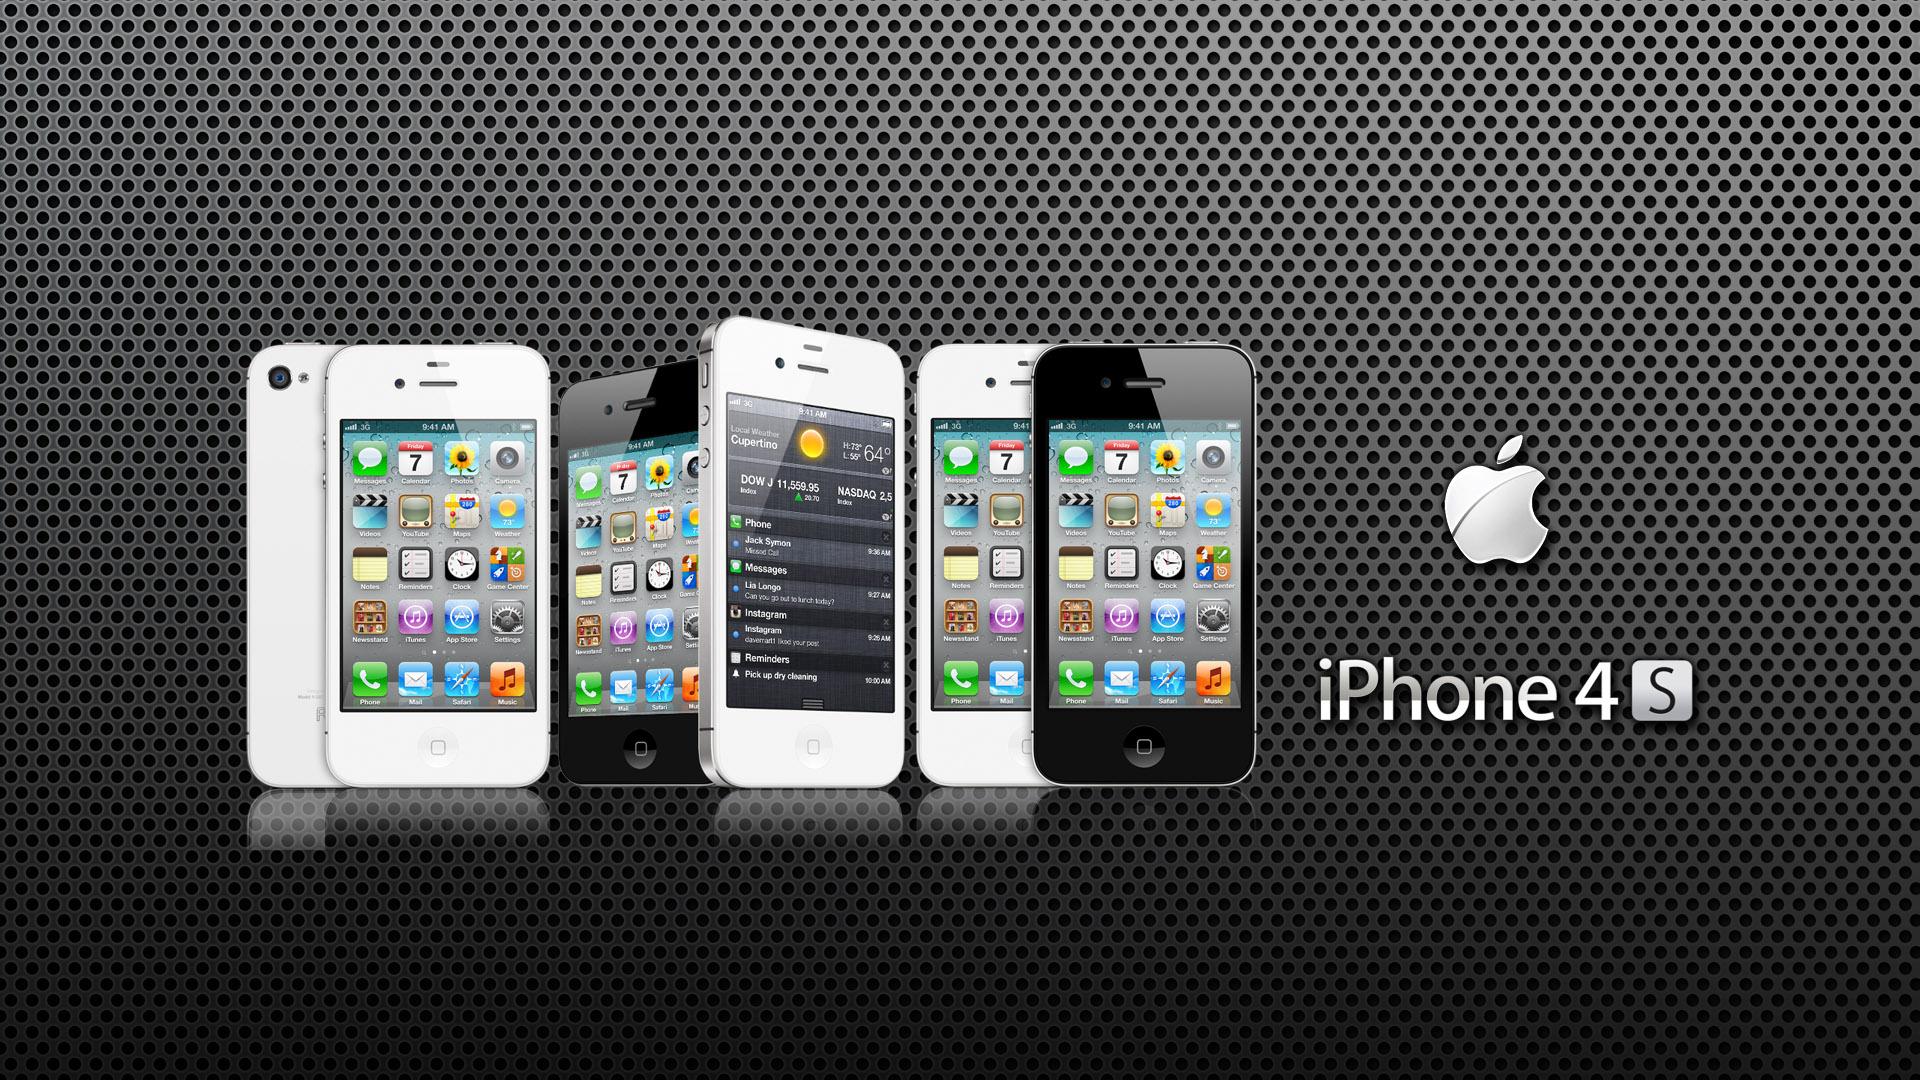 IPhone 4s Wallpaper 1920x1080